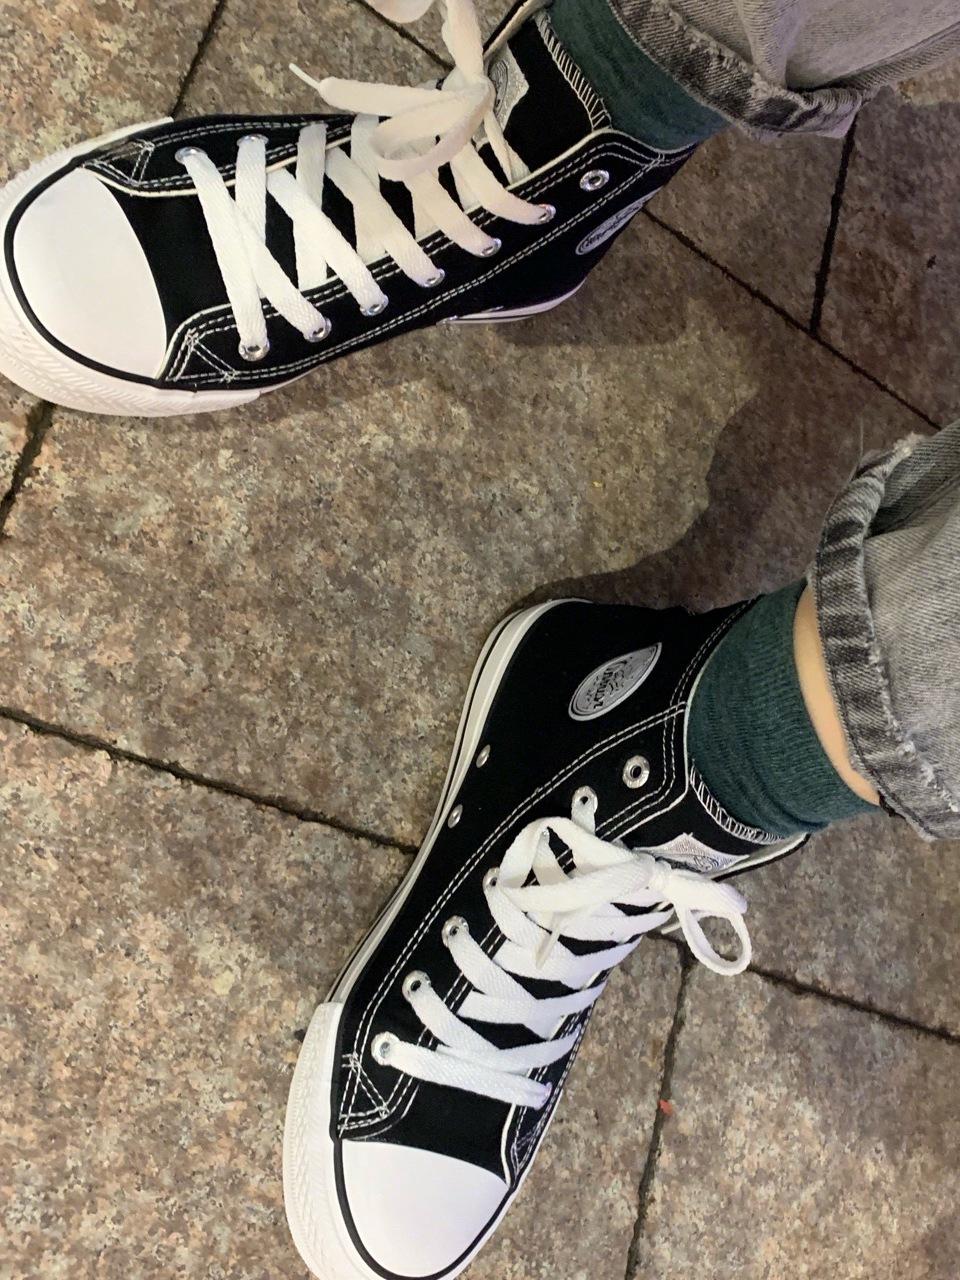 券值播(www.quanzb.com),回力 高帮黑色情侣款帆布鞋3